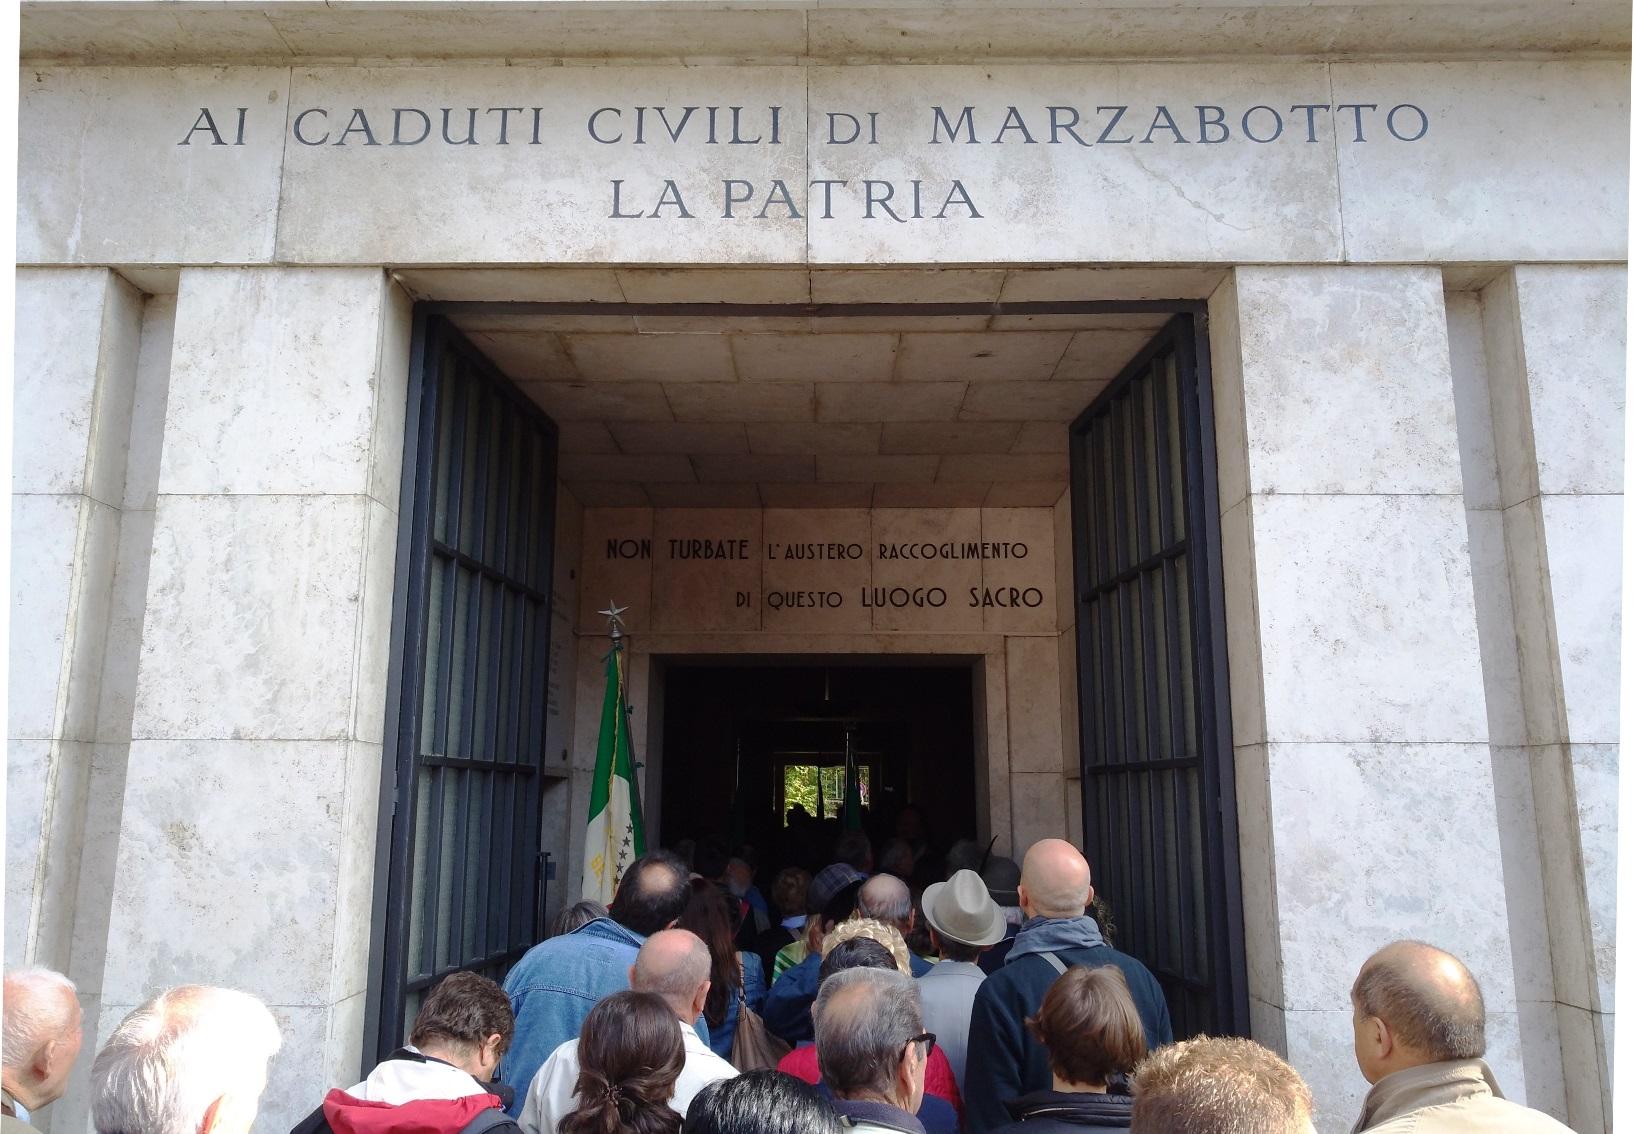 Il sacrario di Marzabotto - Foto di Paola Gemelli - strage di Marzabotto